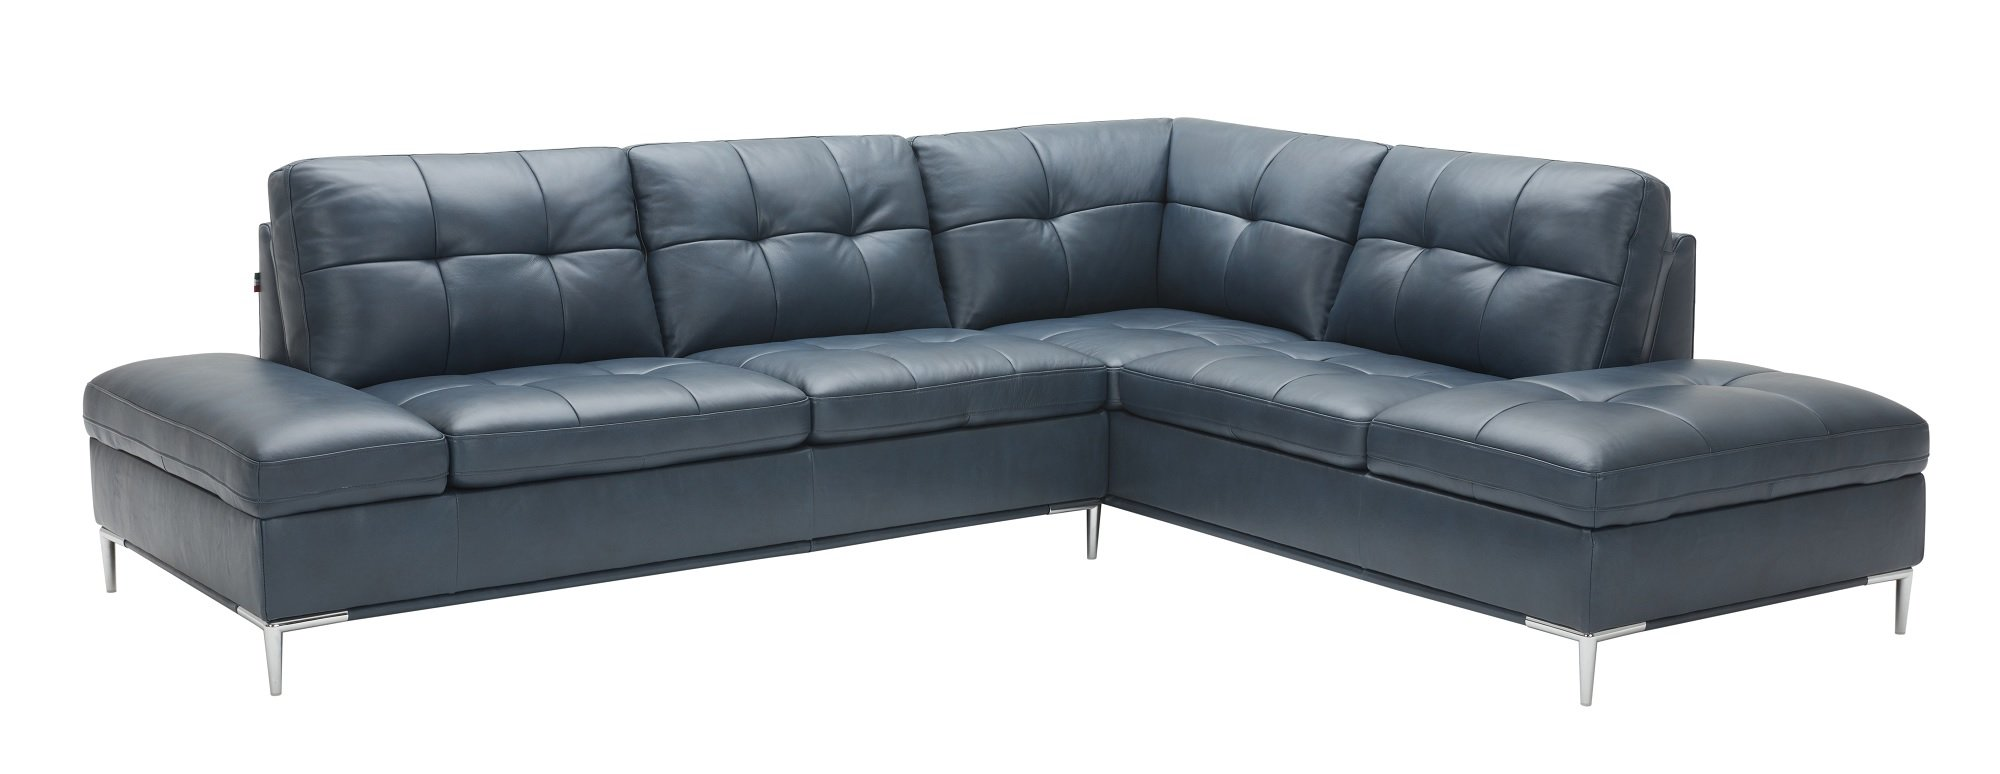 Leonardo Blue Leather Sectional Sofa w/Storage by J&M Furniture